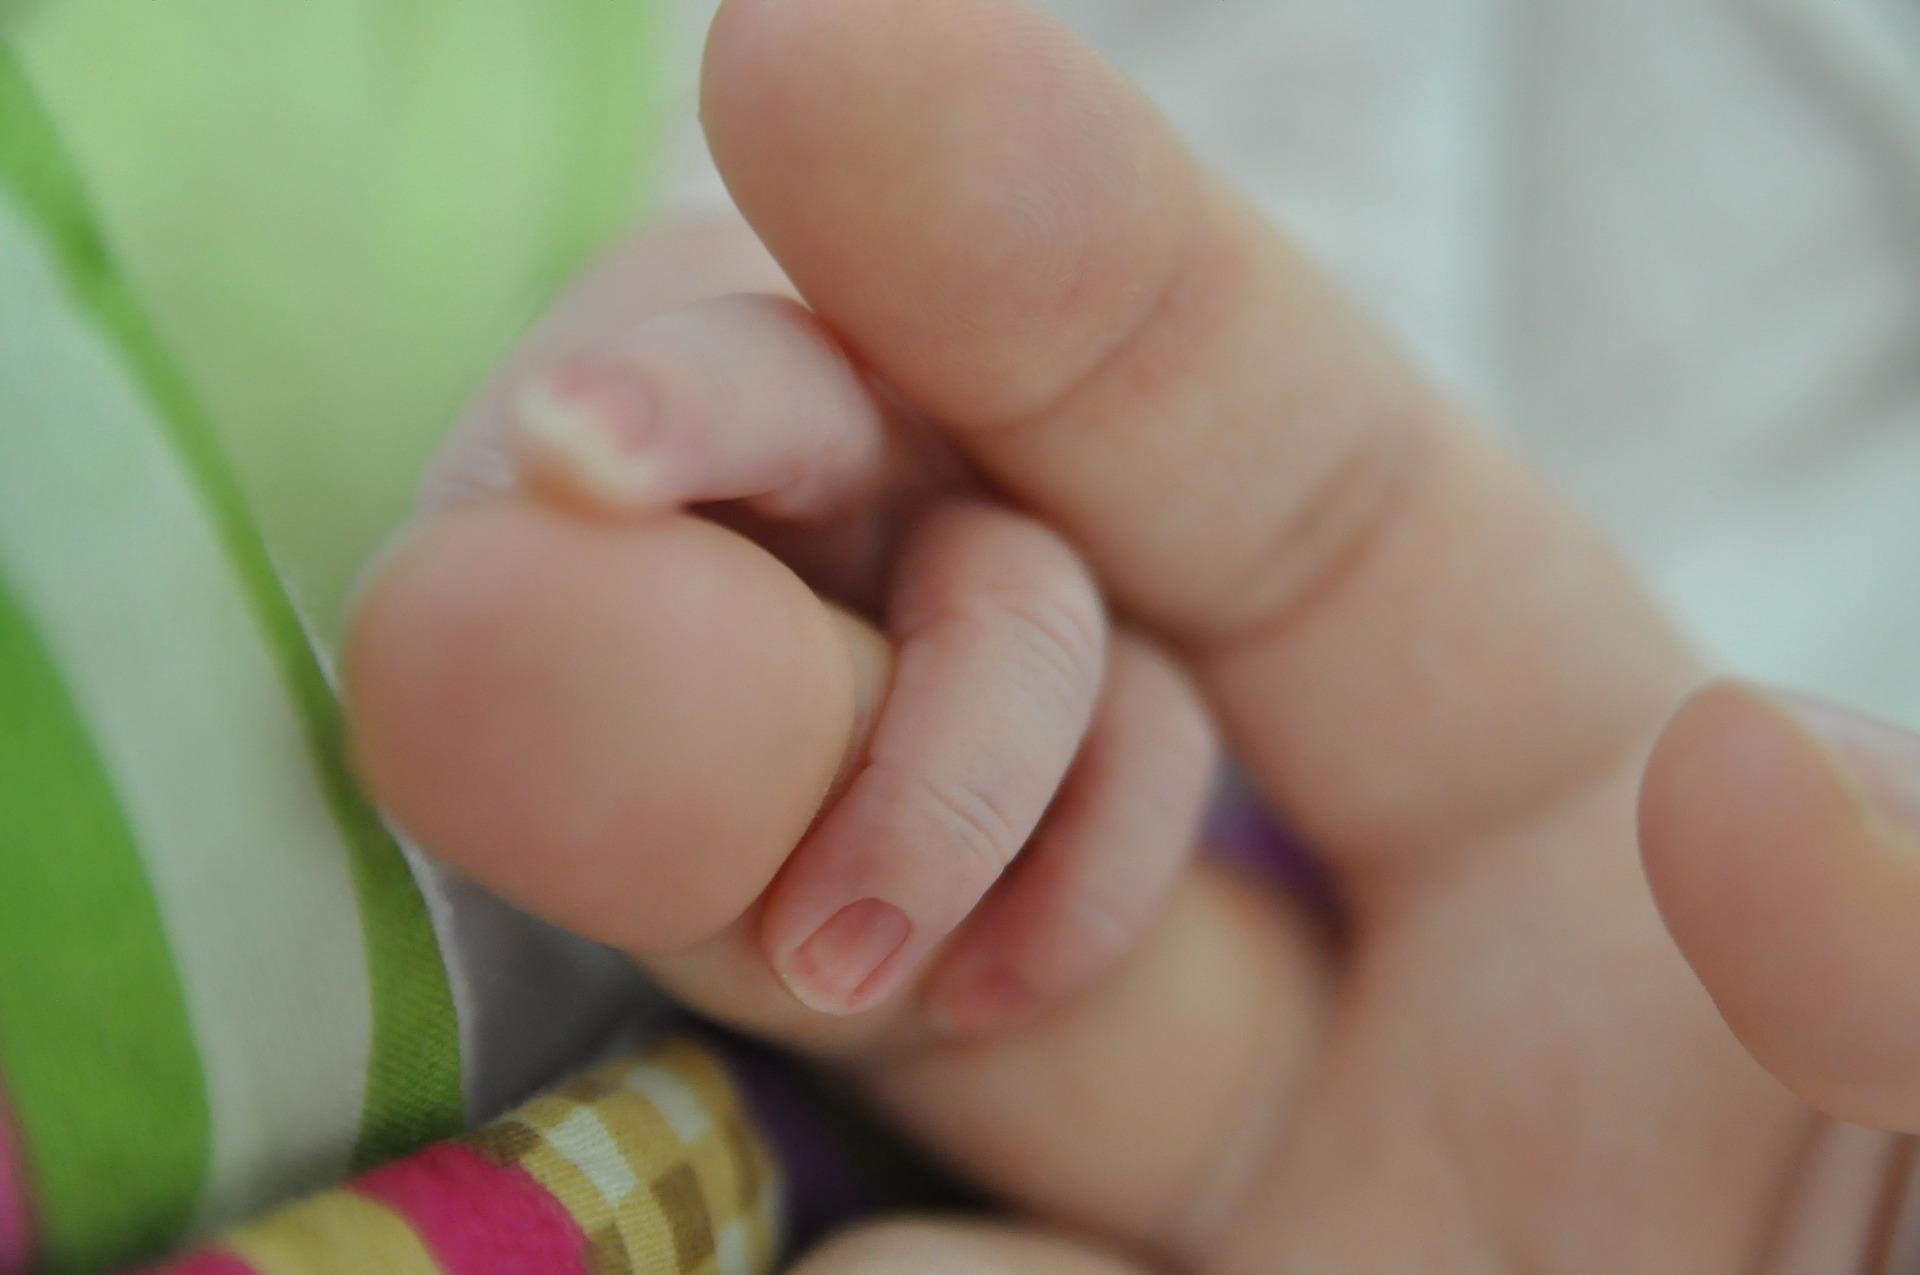 助産院 出産 安心安全